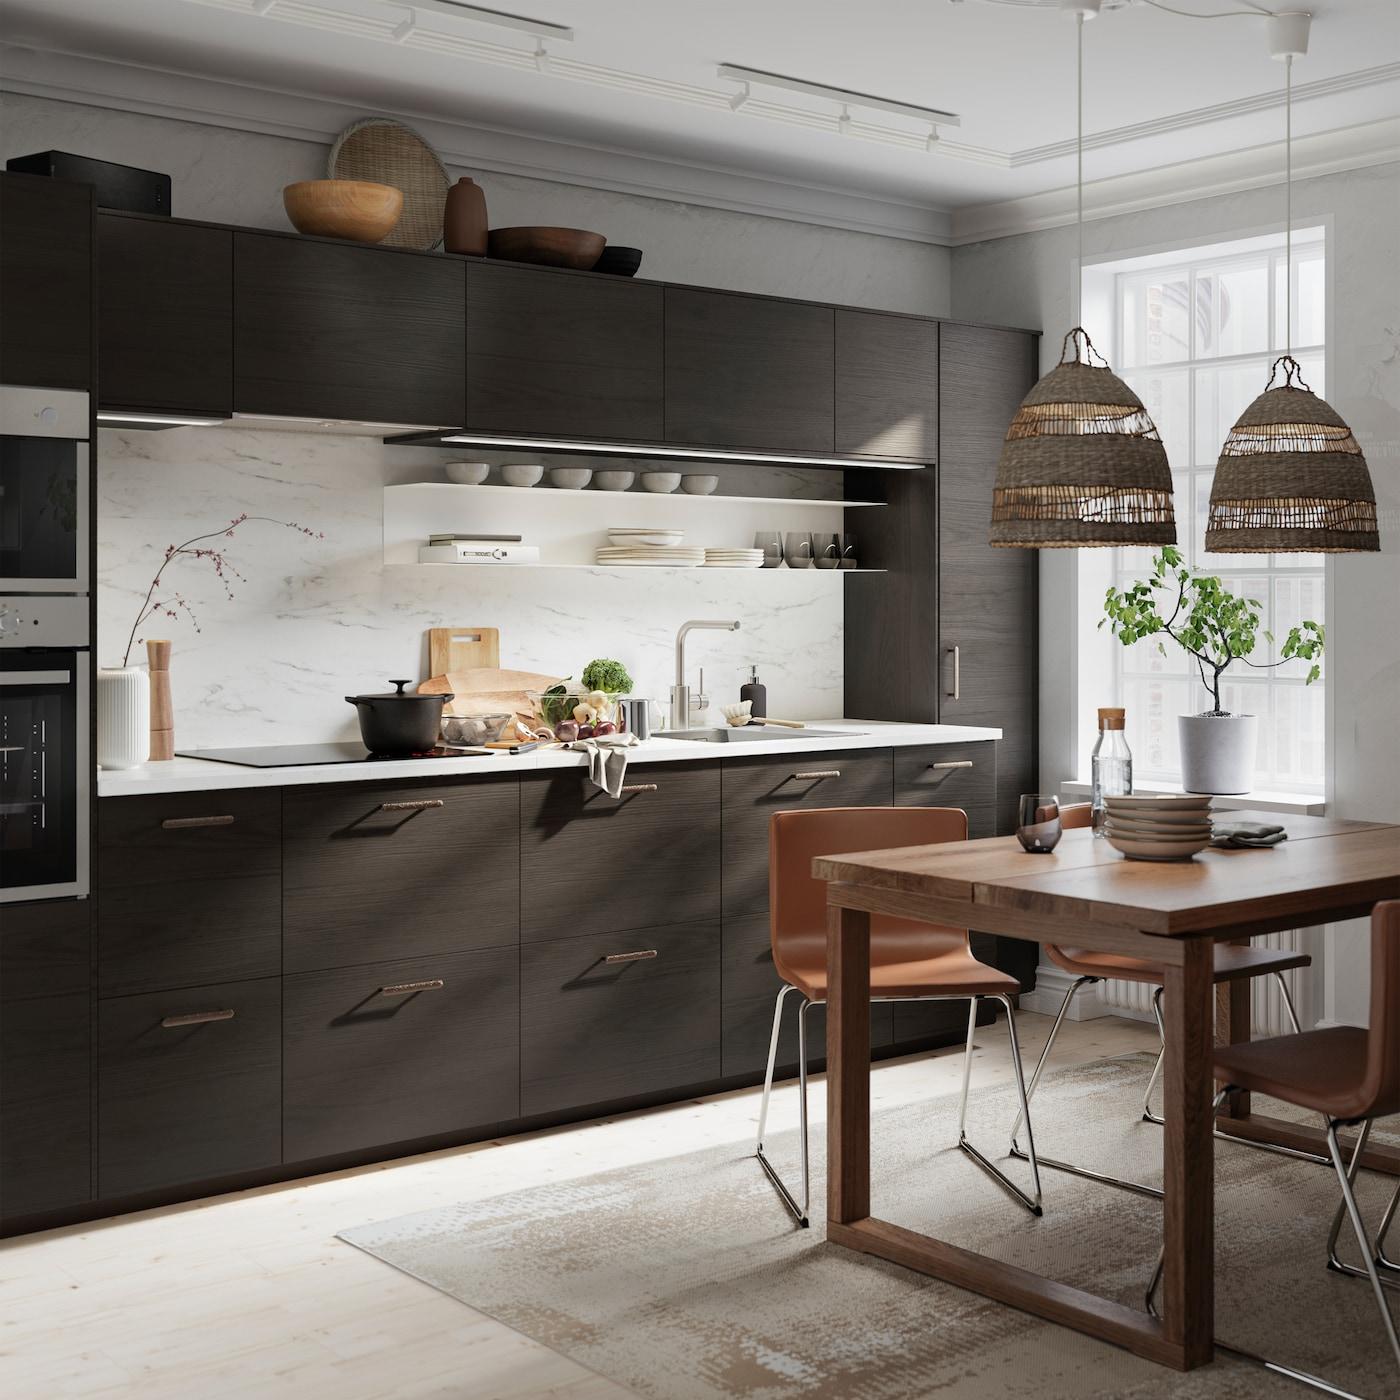 Kök med fronter i mörkbrunt askmönster och vit marmormönstrad väggplatta, träbord och läderstolar.